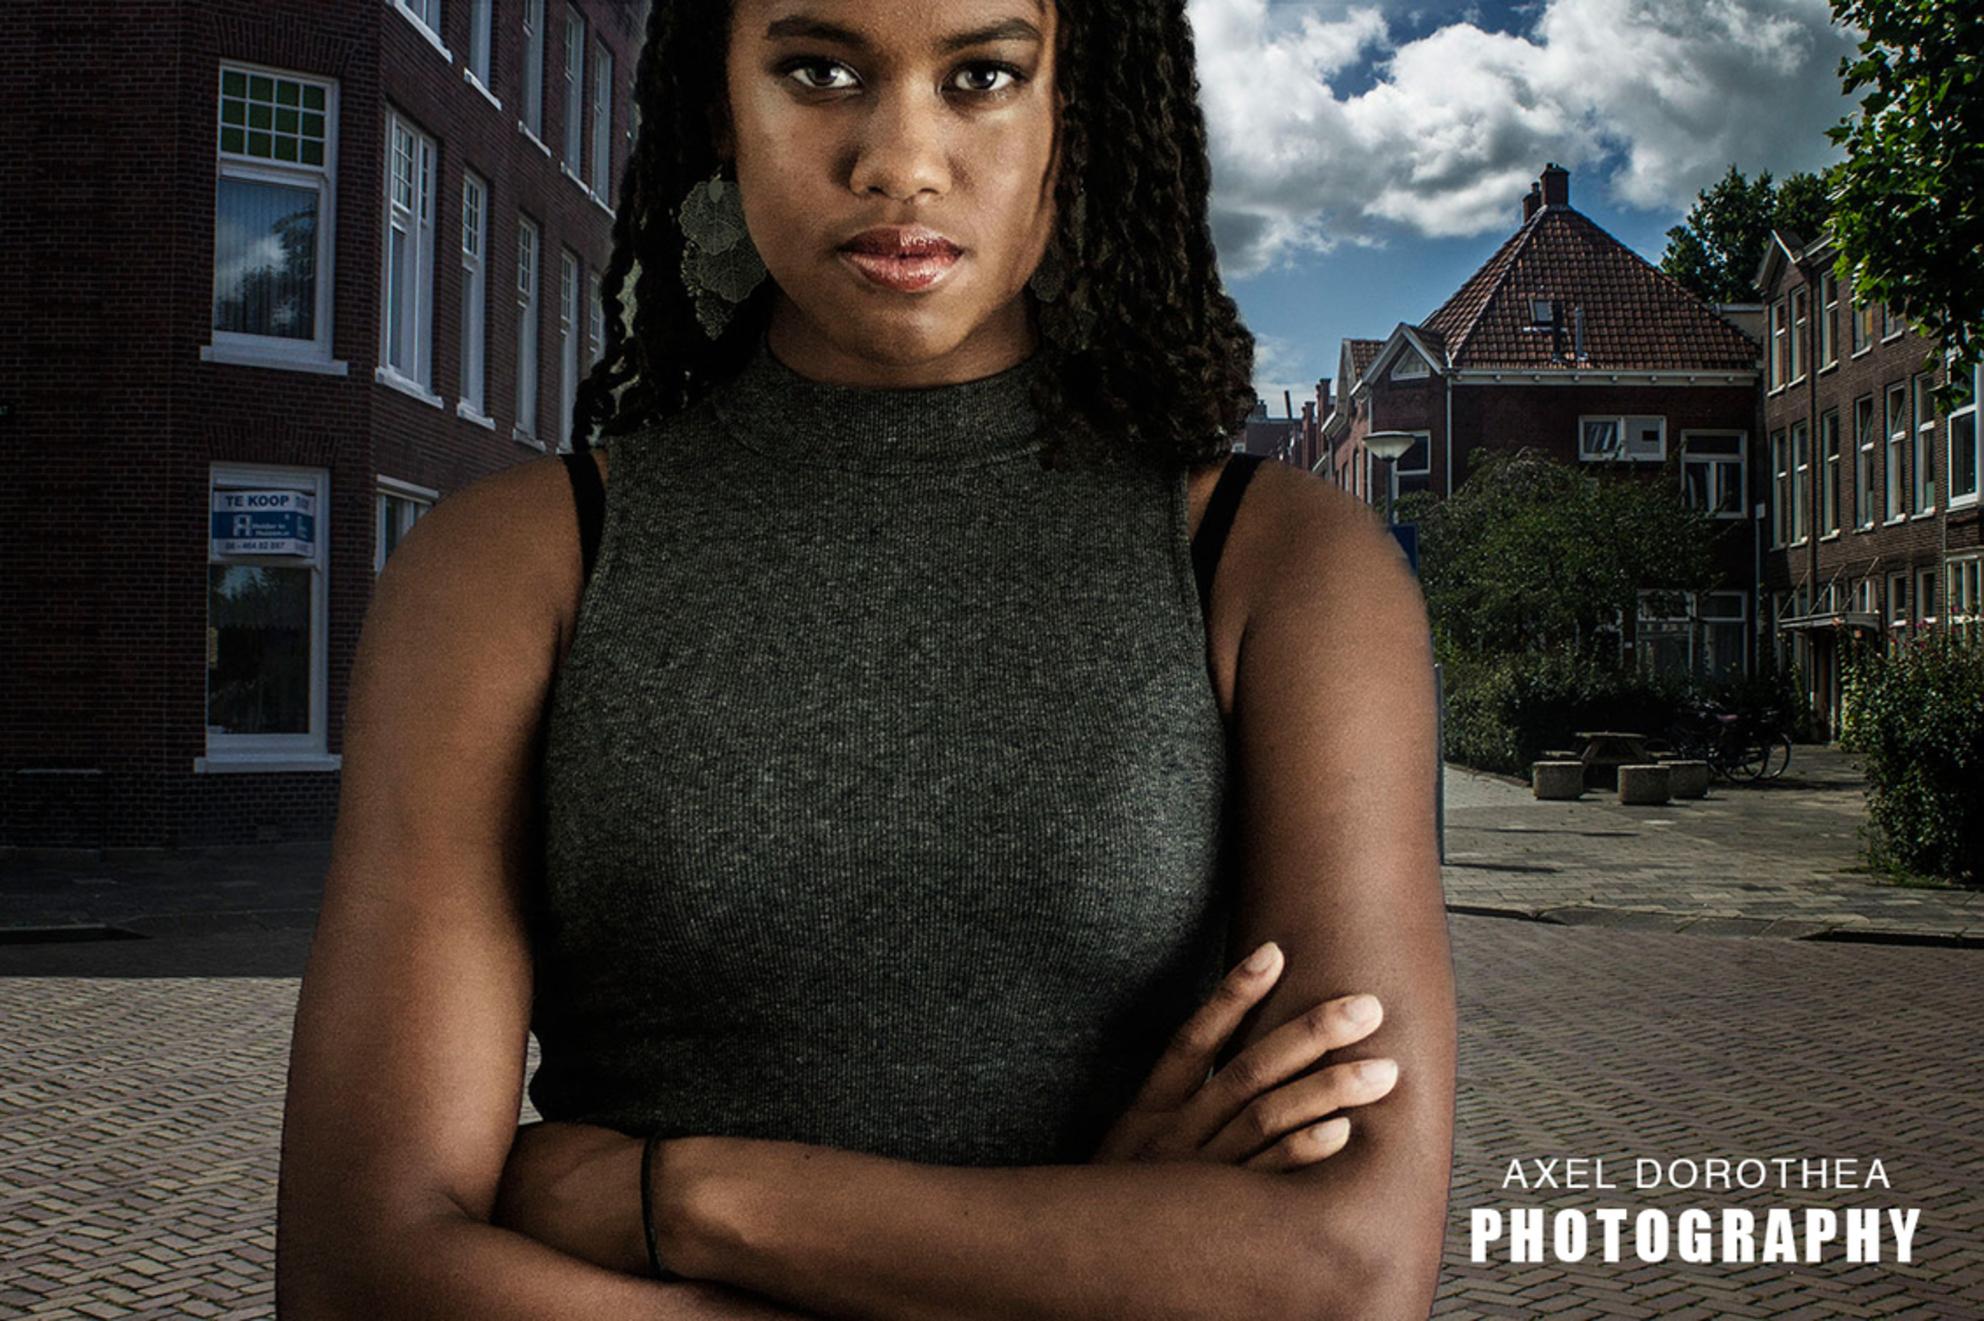 Into The City - - - foto door inteldiplo op 29-12-2015 - deze foto bevat: portret, bewerkt, bewerking, photoshop, creatief, manipulatie - Deze foto mag gebruikt worden in een Zoom.nl publicatie